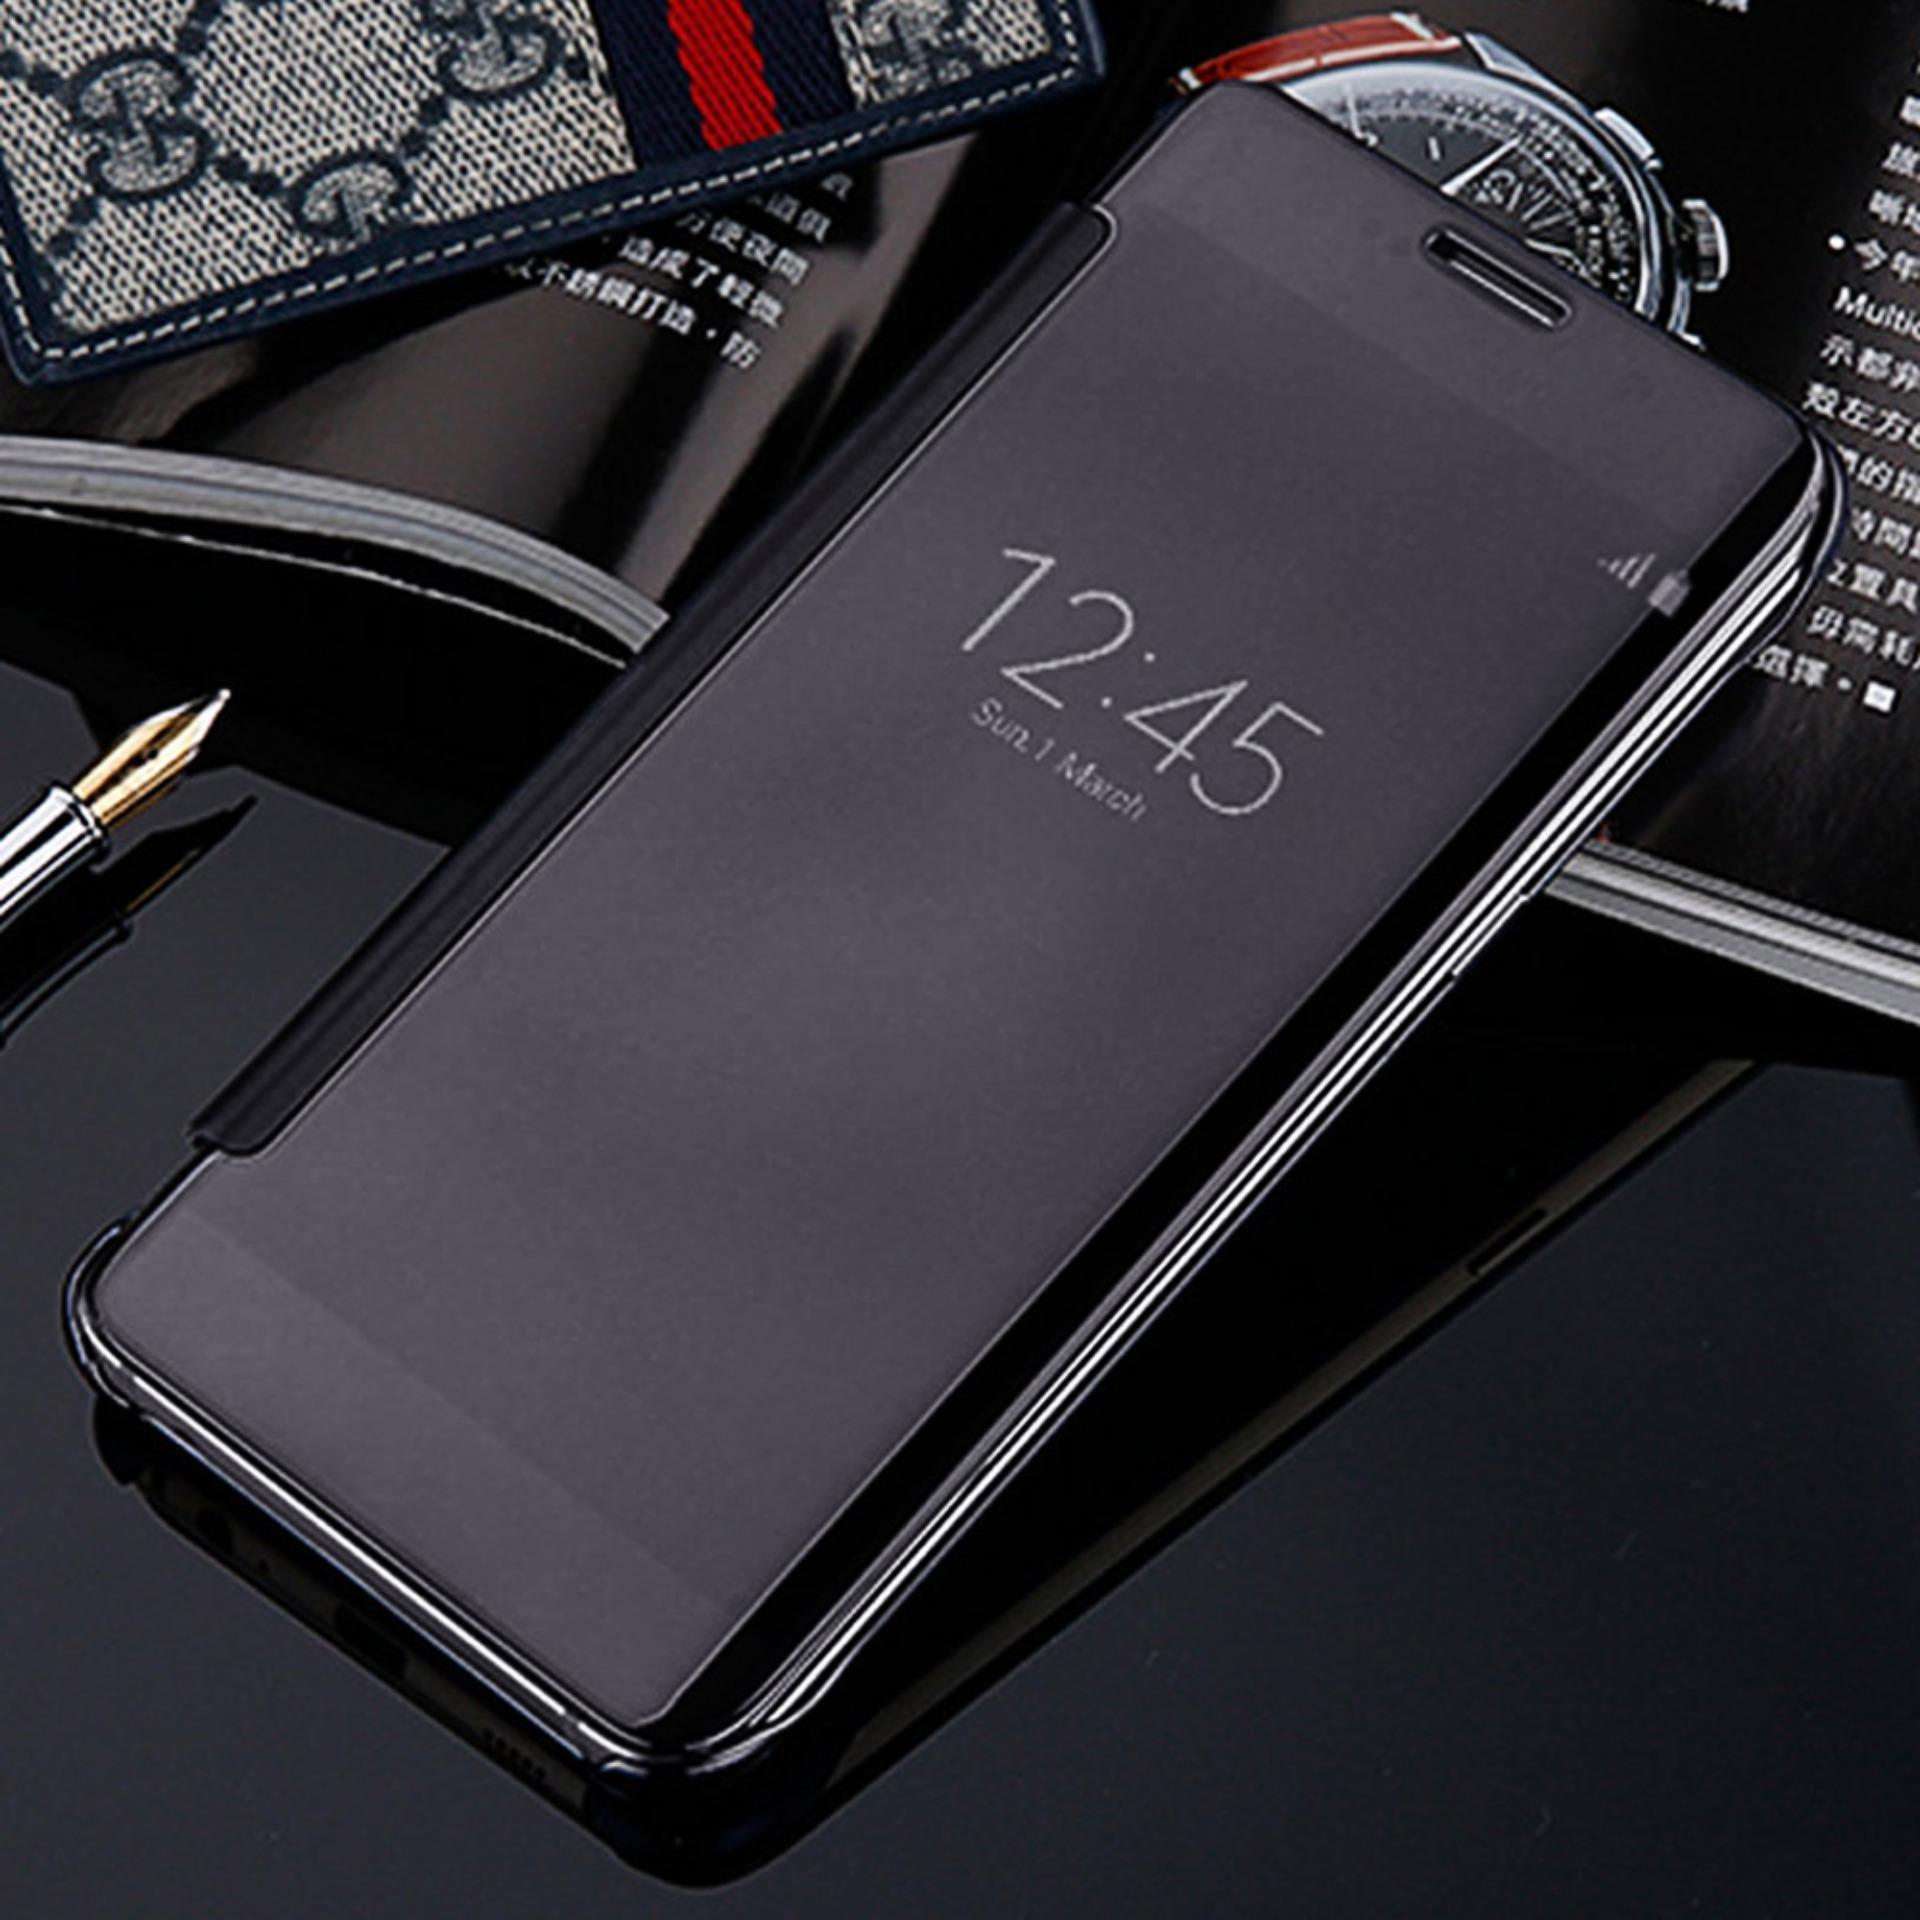 Hình ảnh Bảo vệ MÁY TÍNH Xi Mạ Thông Minh Gương Clear View Flip Điện Thoại Ốp dành cho Samsung Galaxy Note 7 Màu Đen